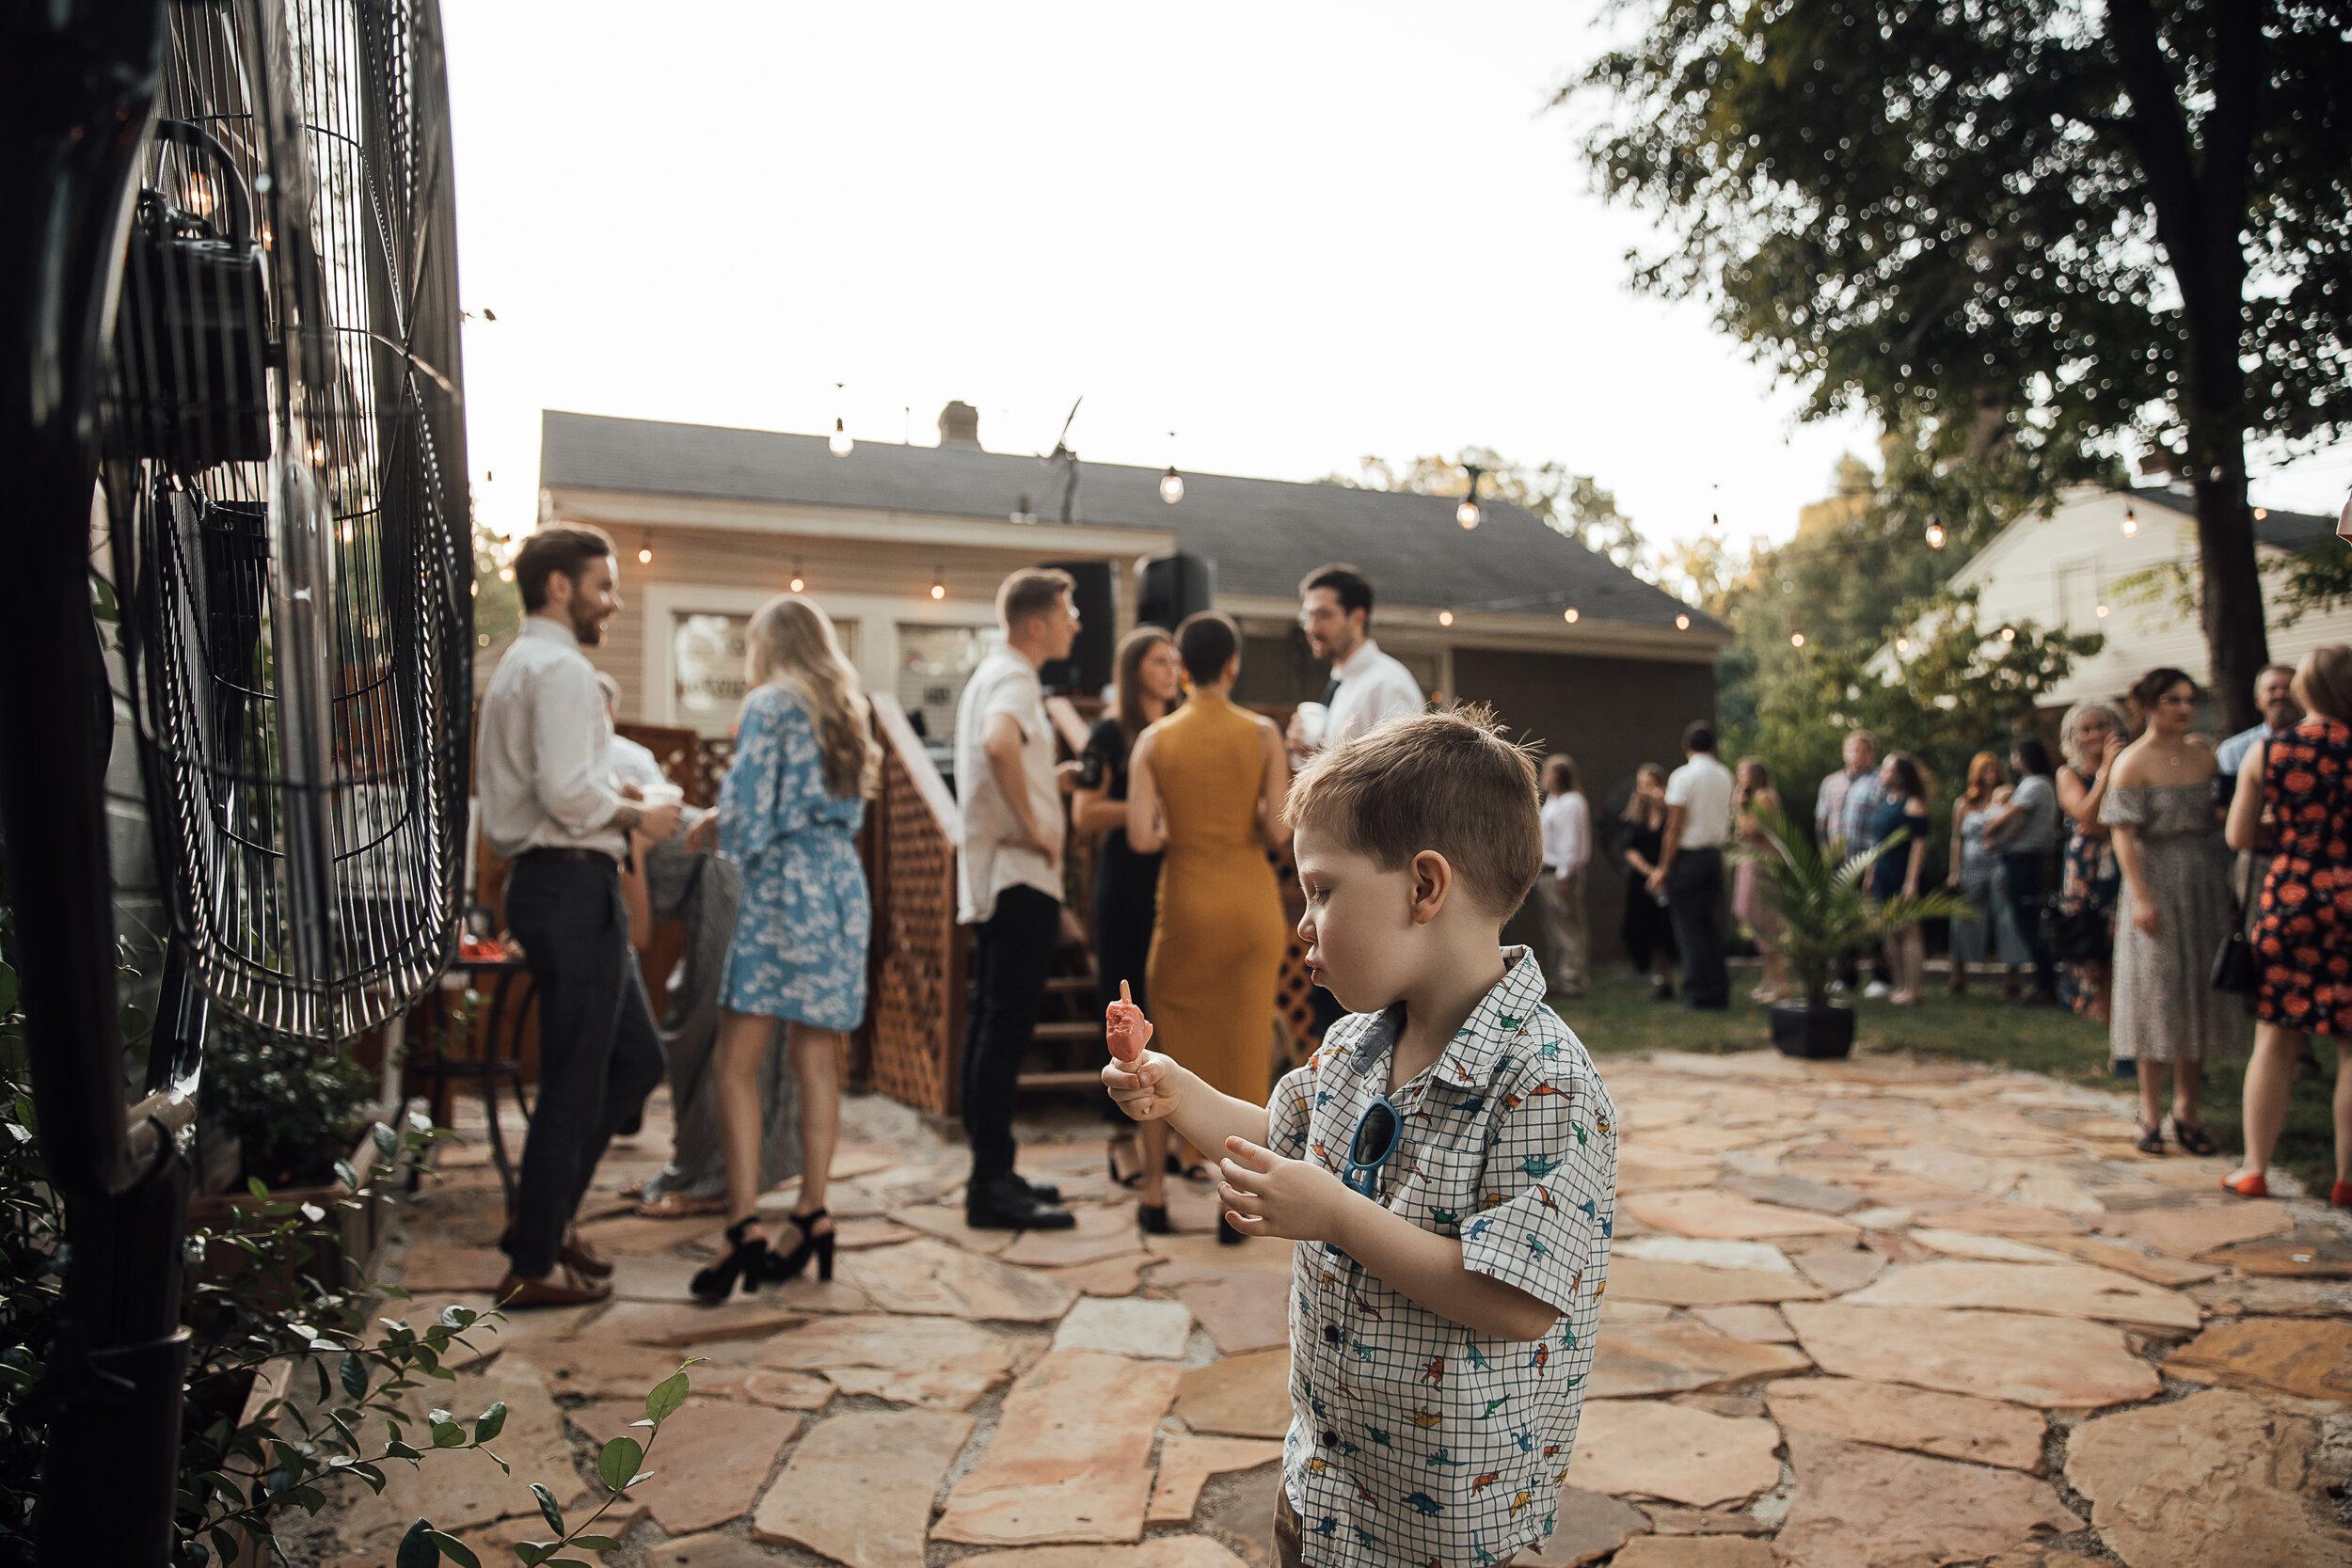 Allison-and-Wesley-Memphis-Backyard-Wedding-TheWarmthAroundYou-54.jpg